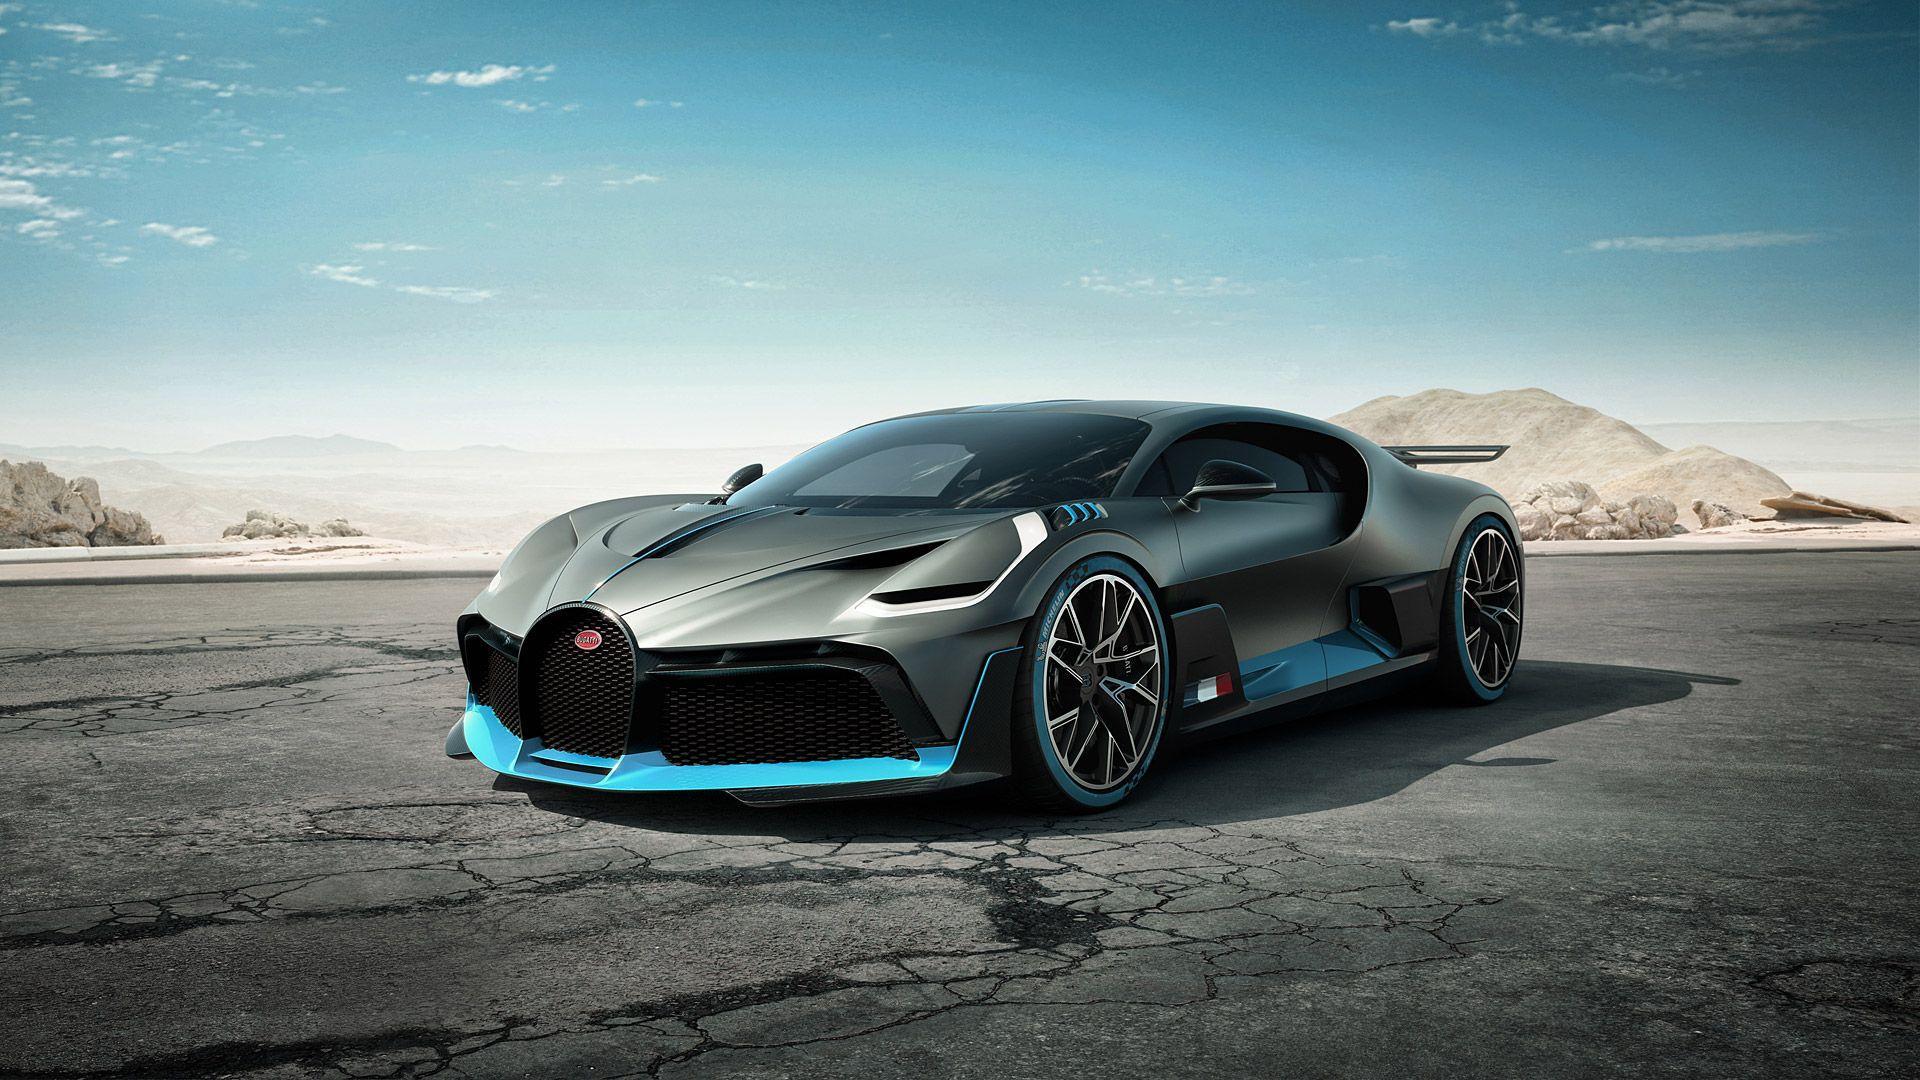 Bugatti Divo Wallpapers Top Free Bugatti Divo Backgrounds Wallpaperaccess